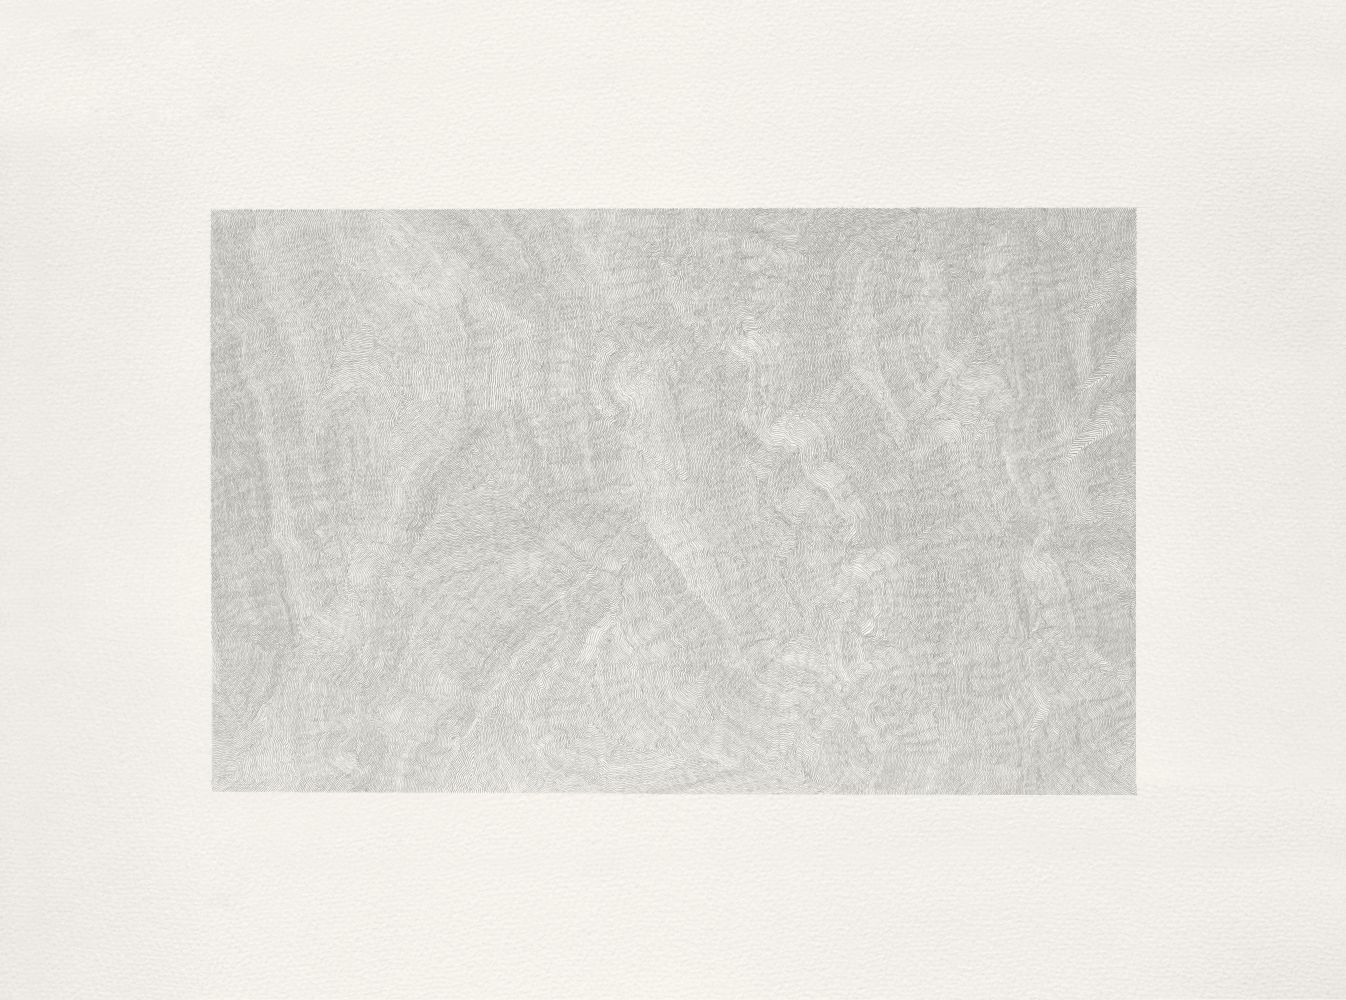 Linear Scenery, 2004-05